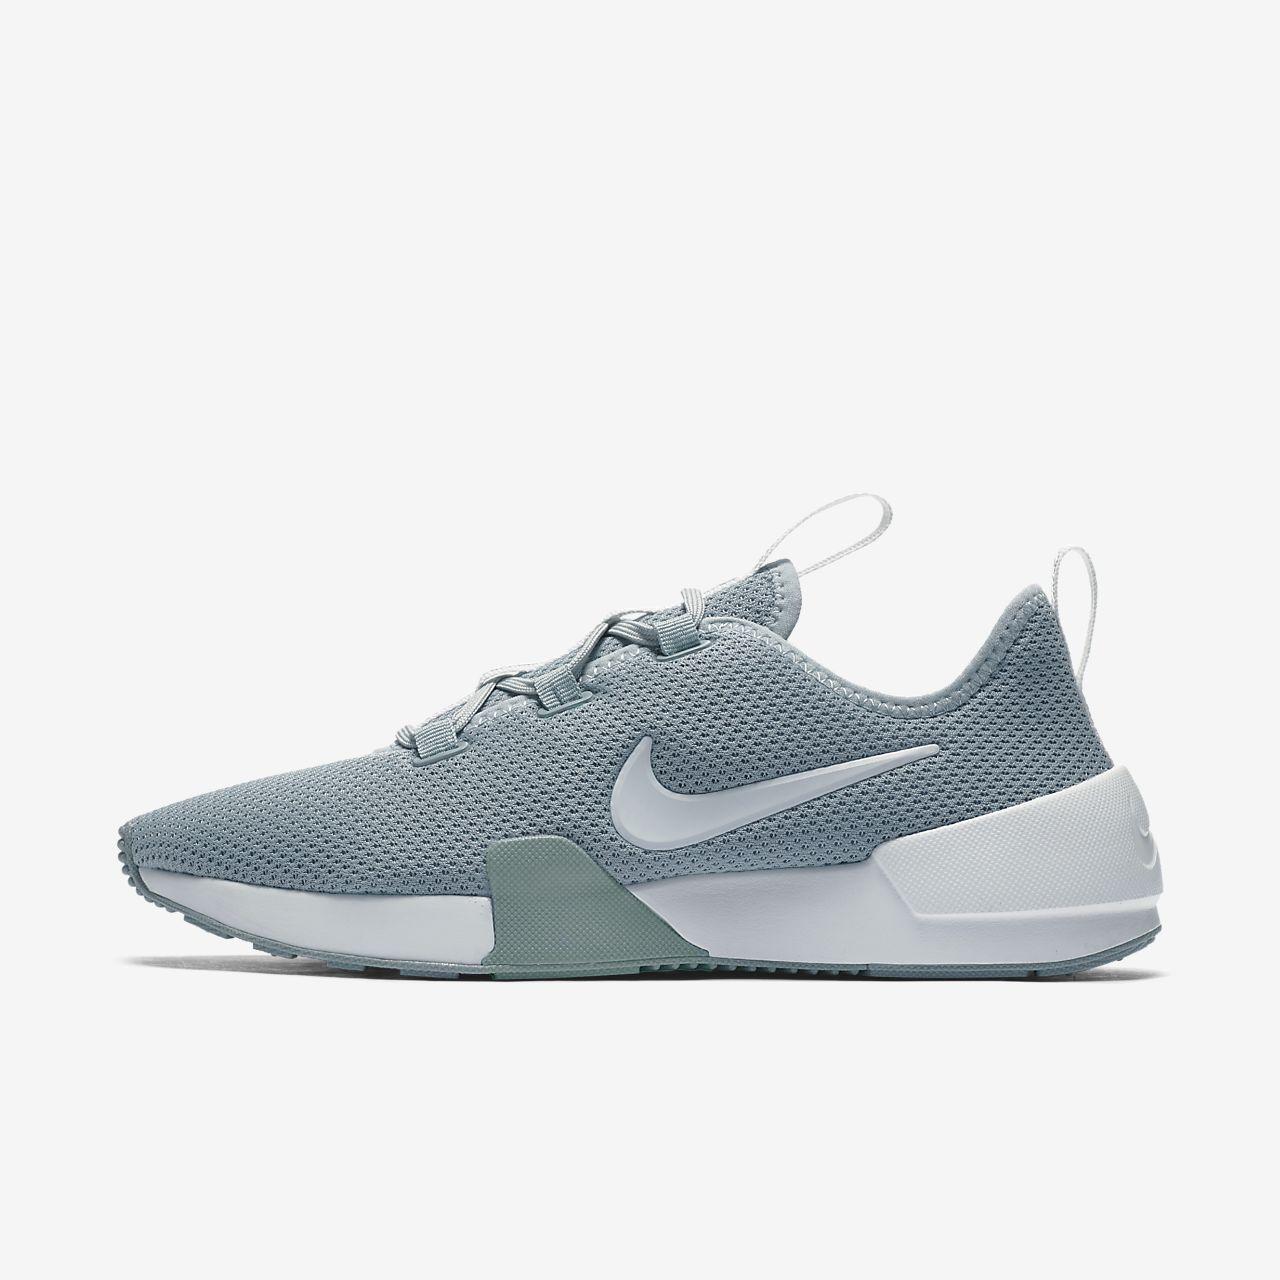 separation shoes de780 39d0f ... Sko Nike Ashin Modern Run för kvinnor